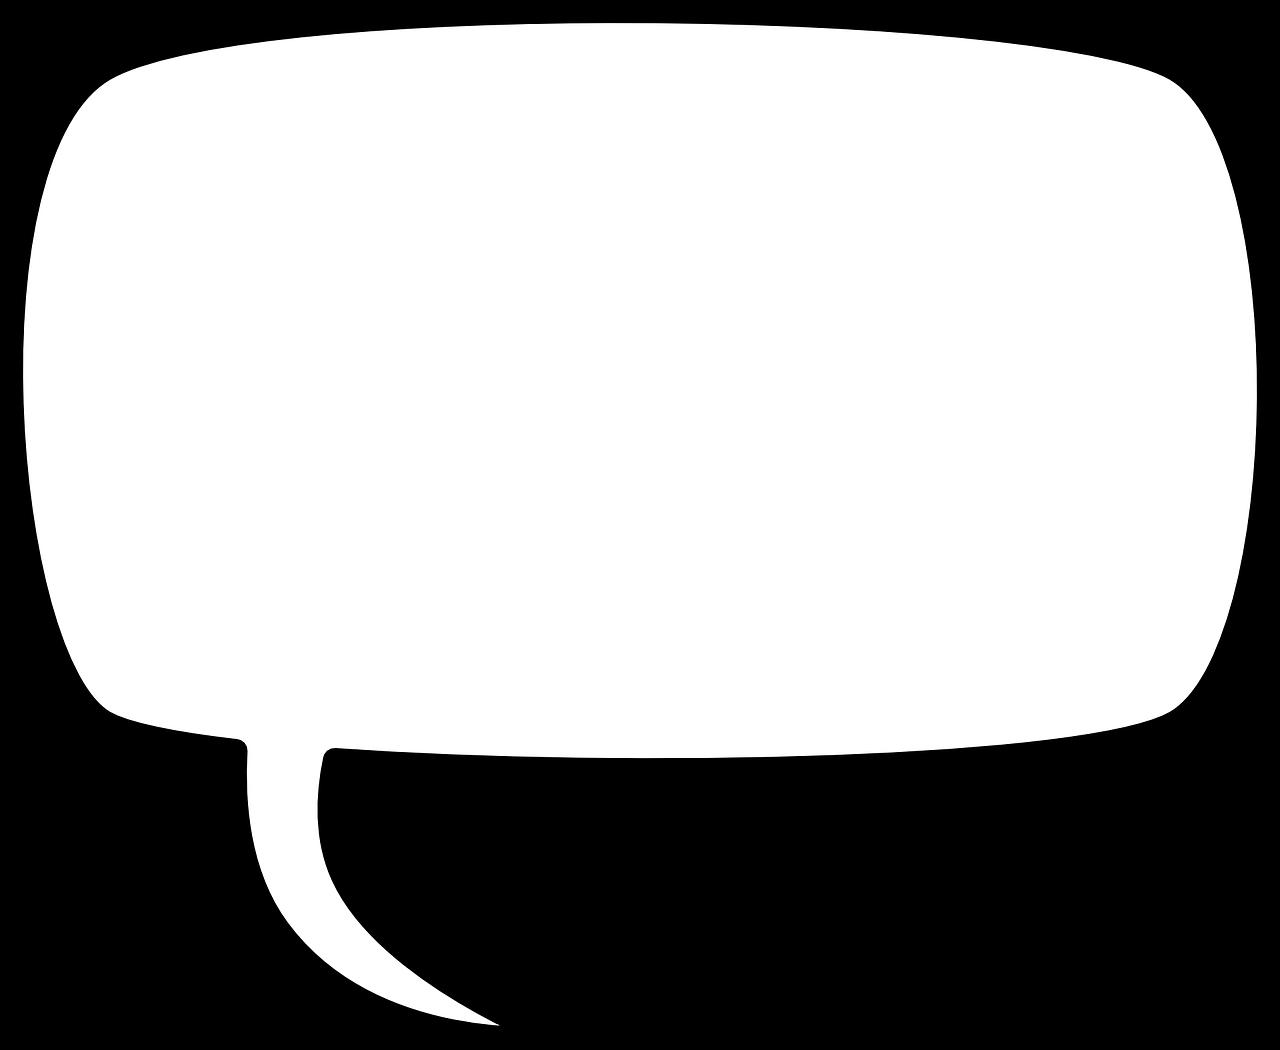 1280x1050 Speech Text Balloon Box Sign Speech Speech Text